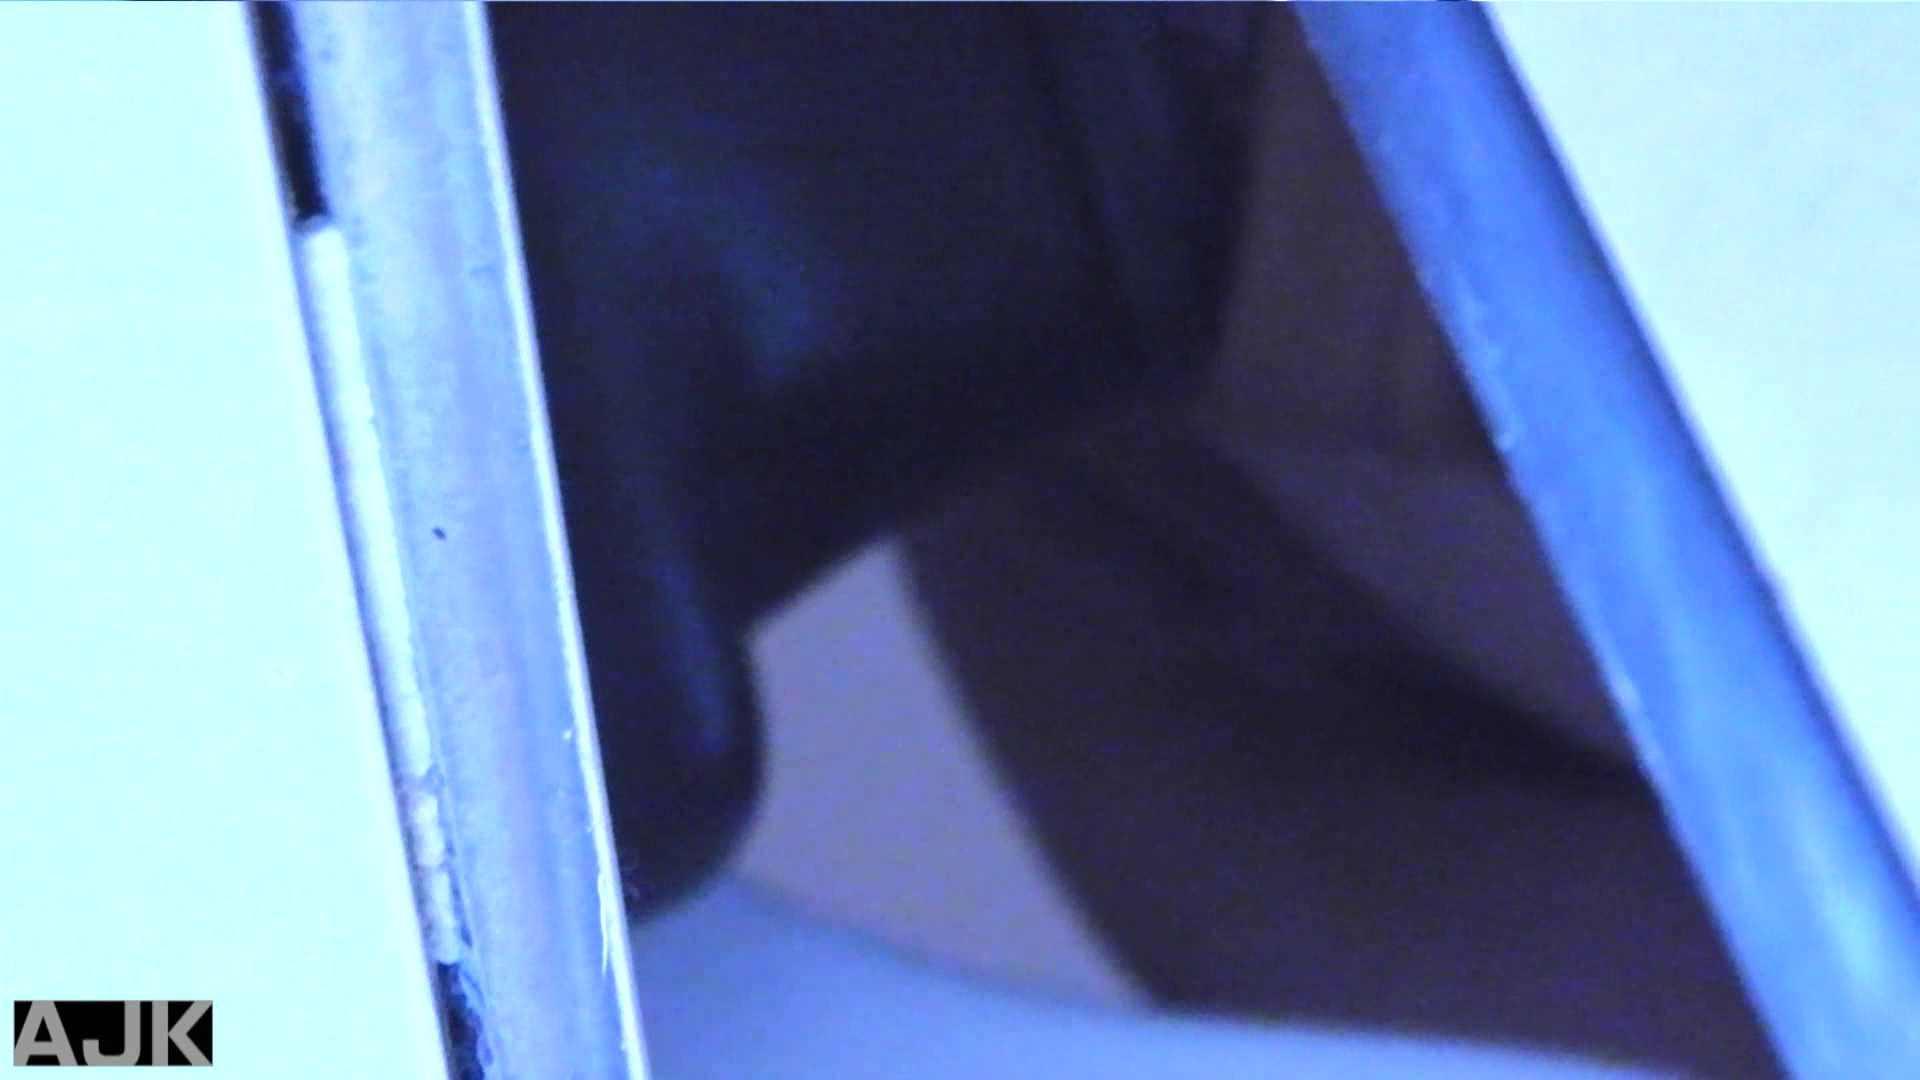 隣国上階級エリアの令嬢たちが集うデパートお手洗い Vol.07 お手洗いの中 オメコ動画キャプチャ 111枚 84